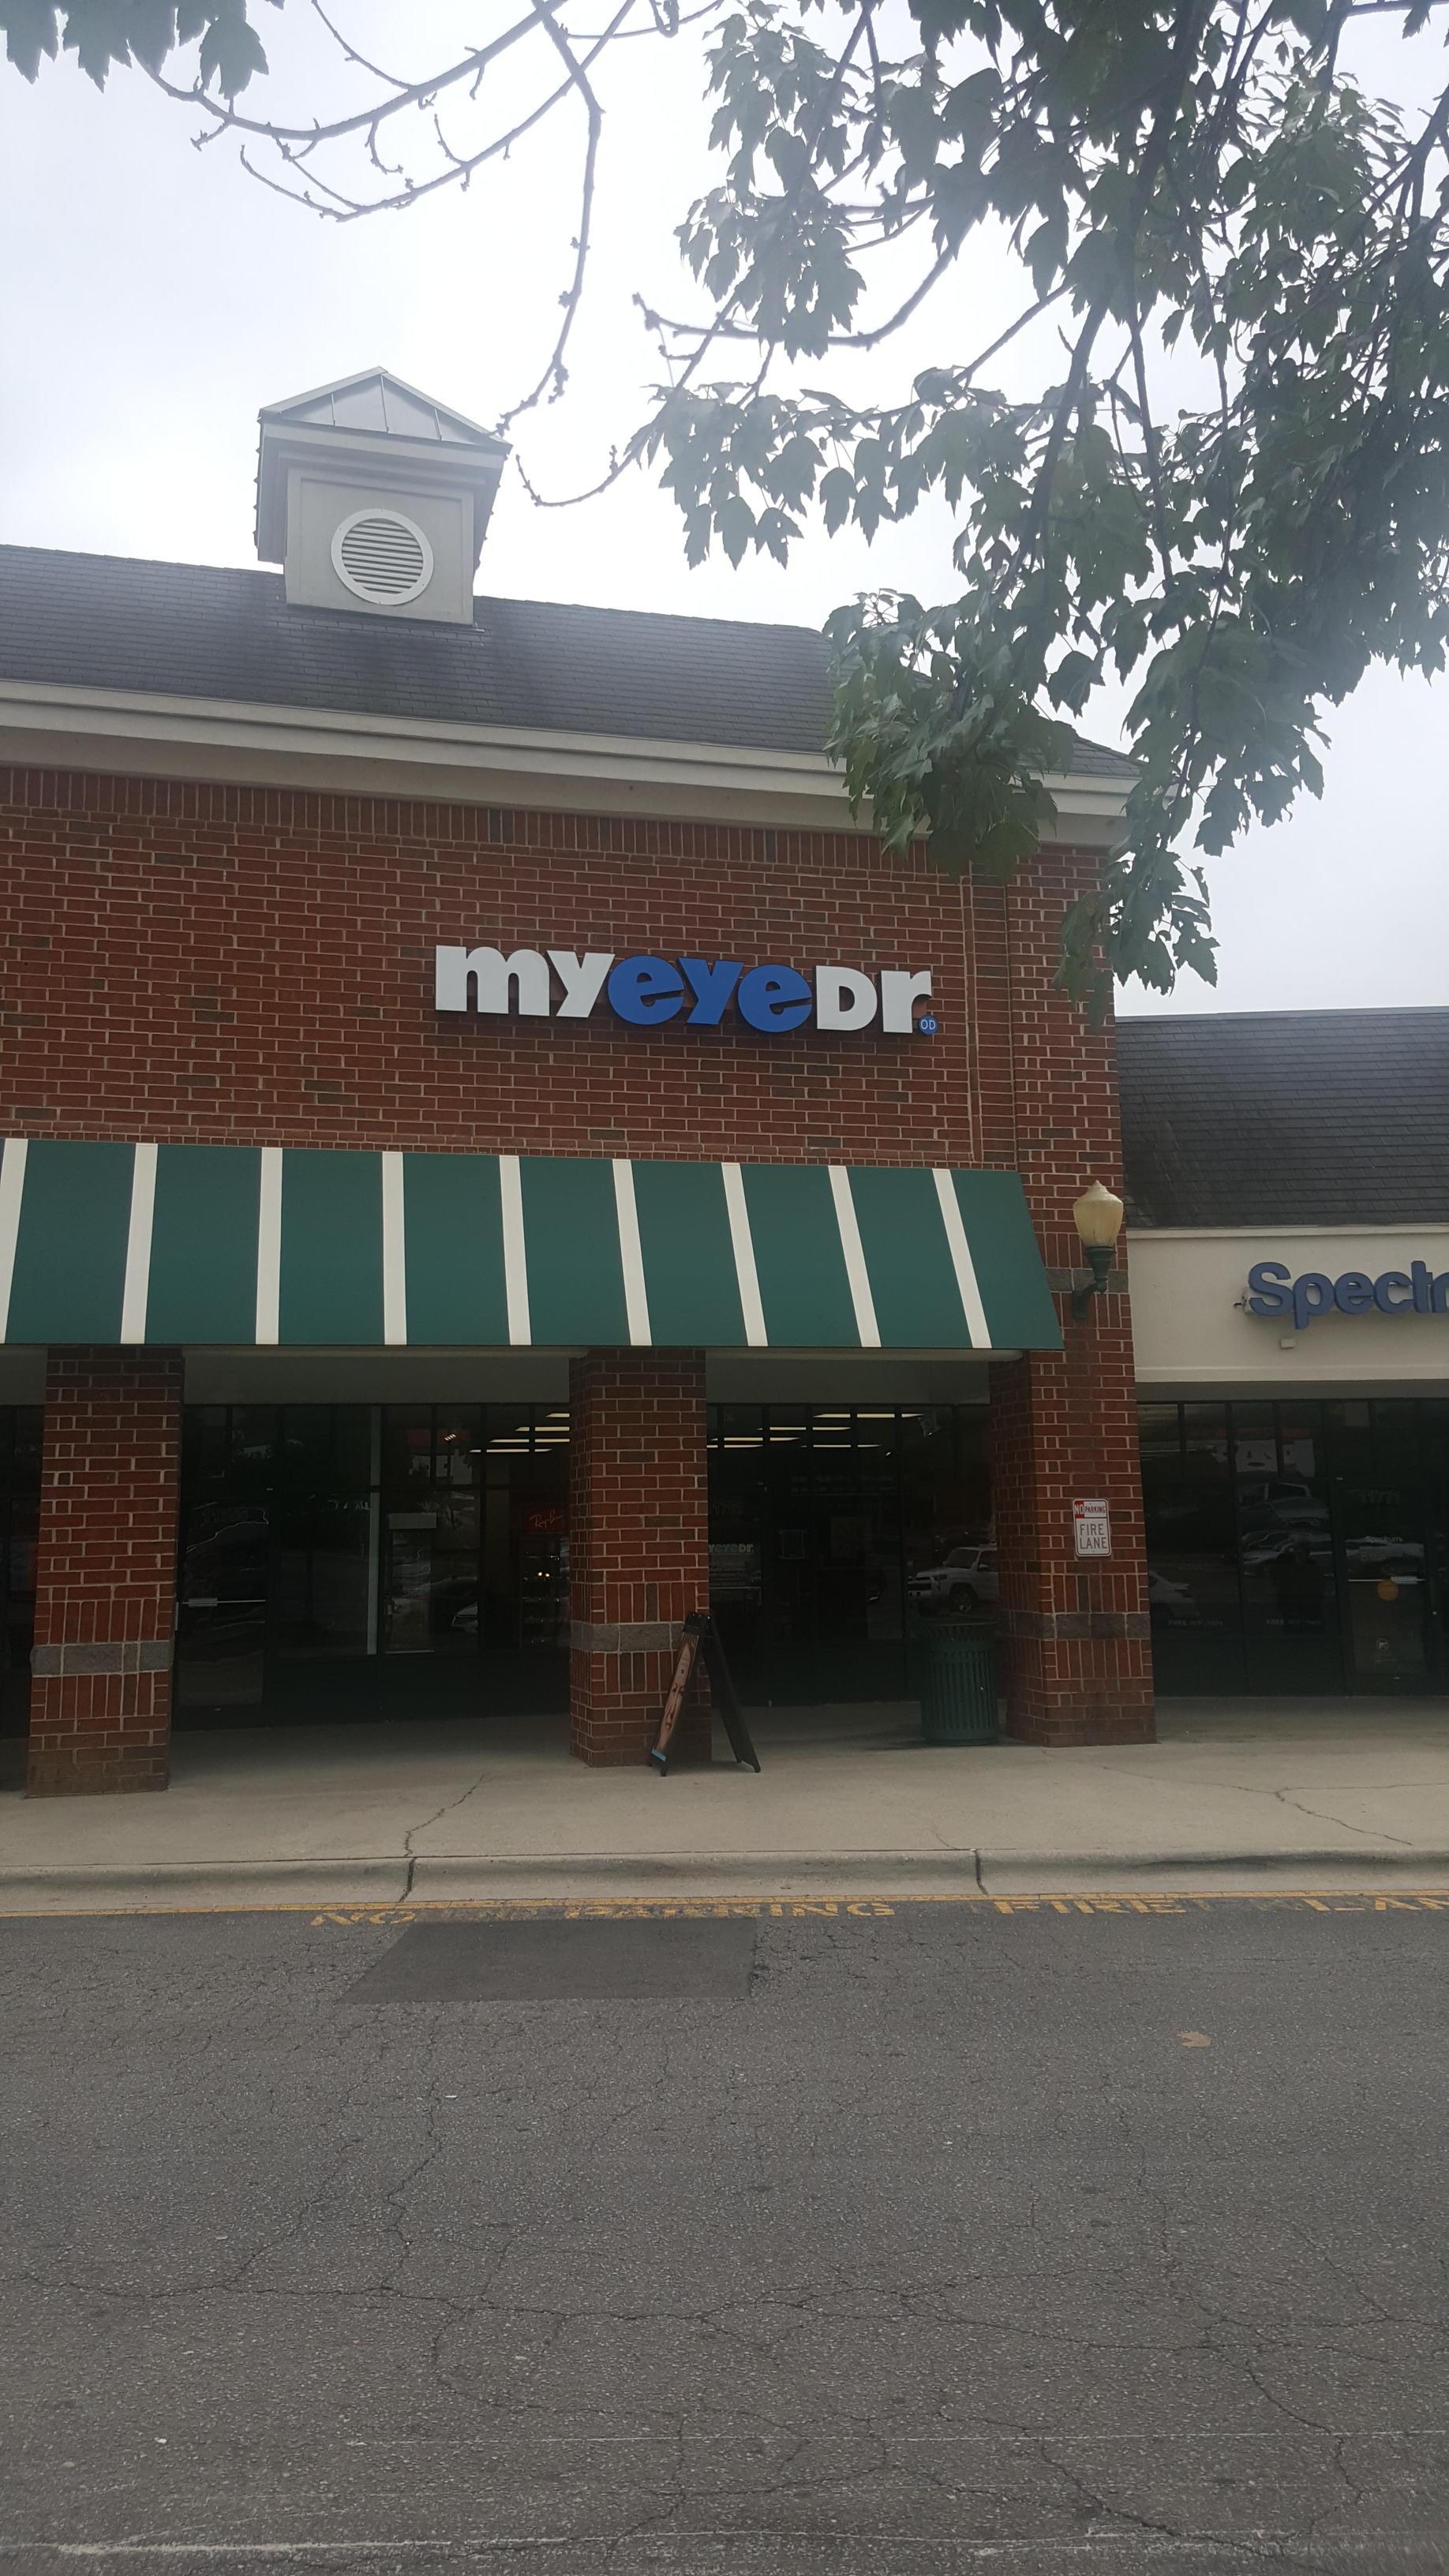 MyEyeDr. image 2